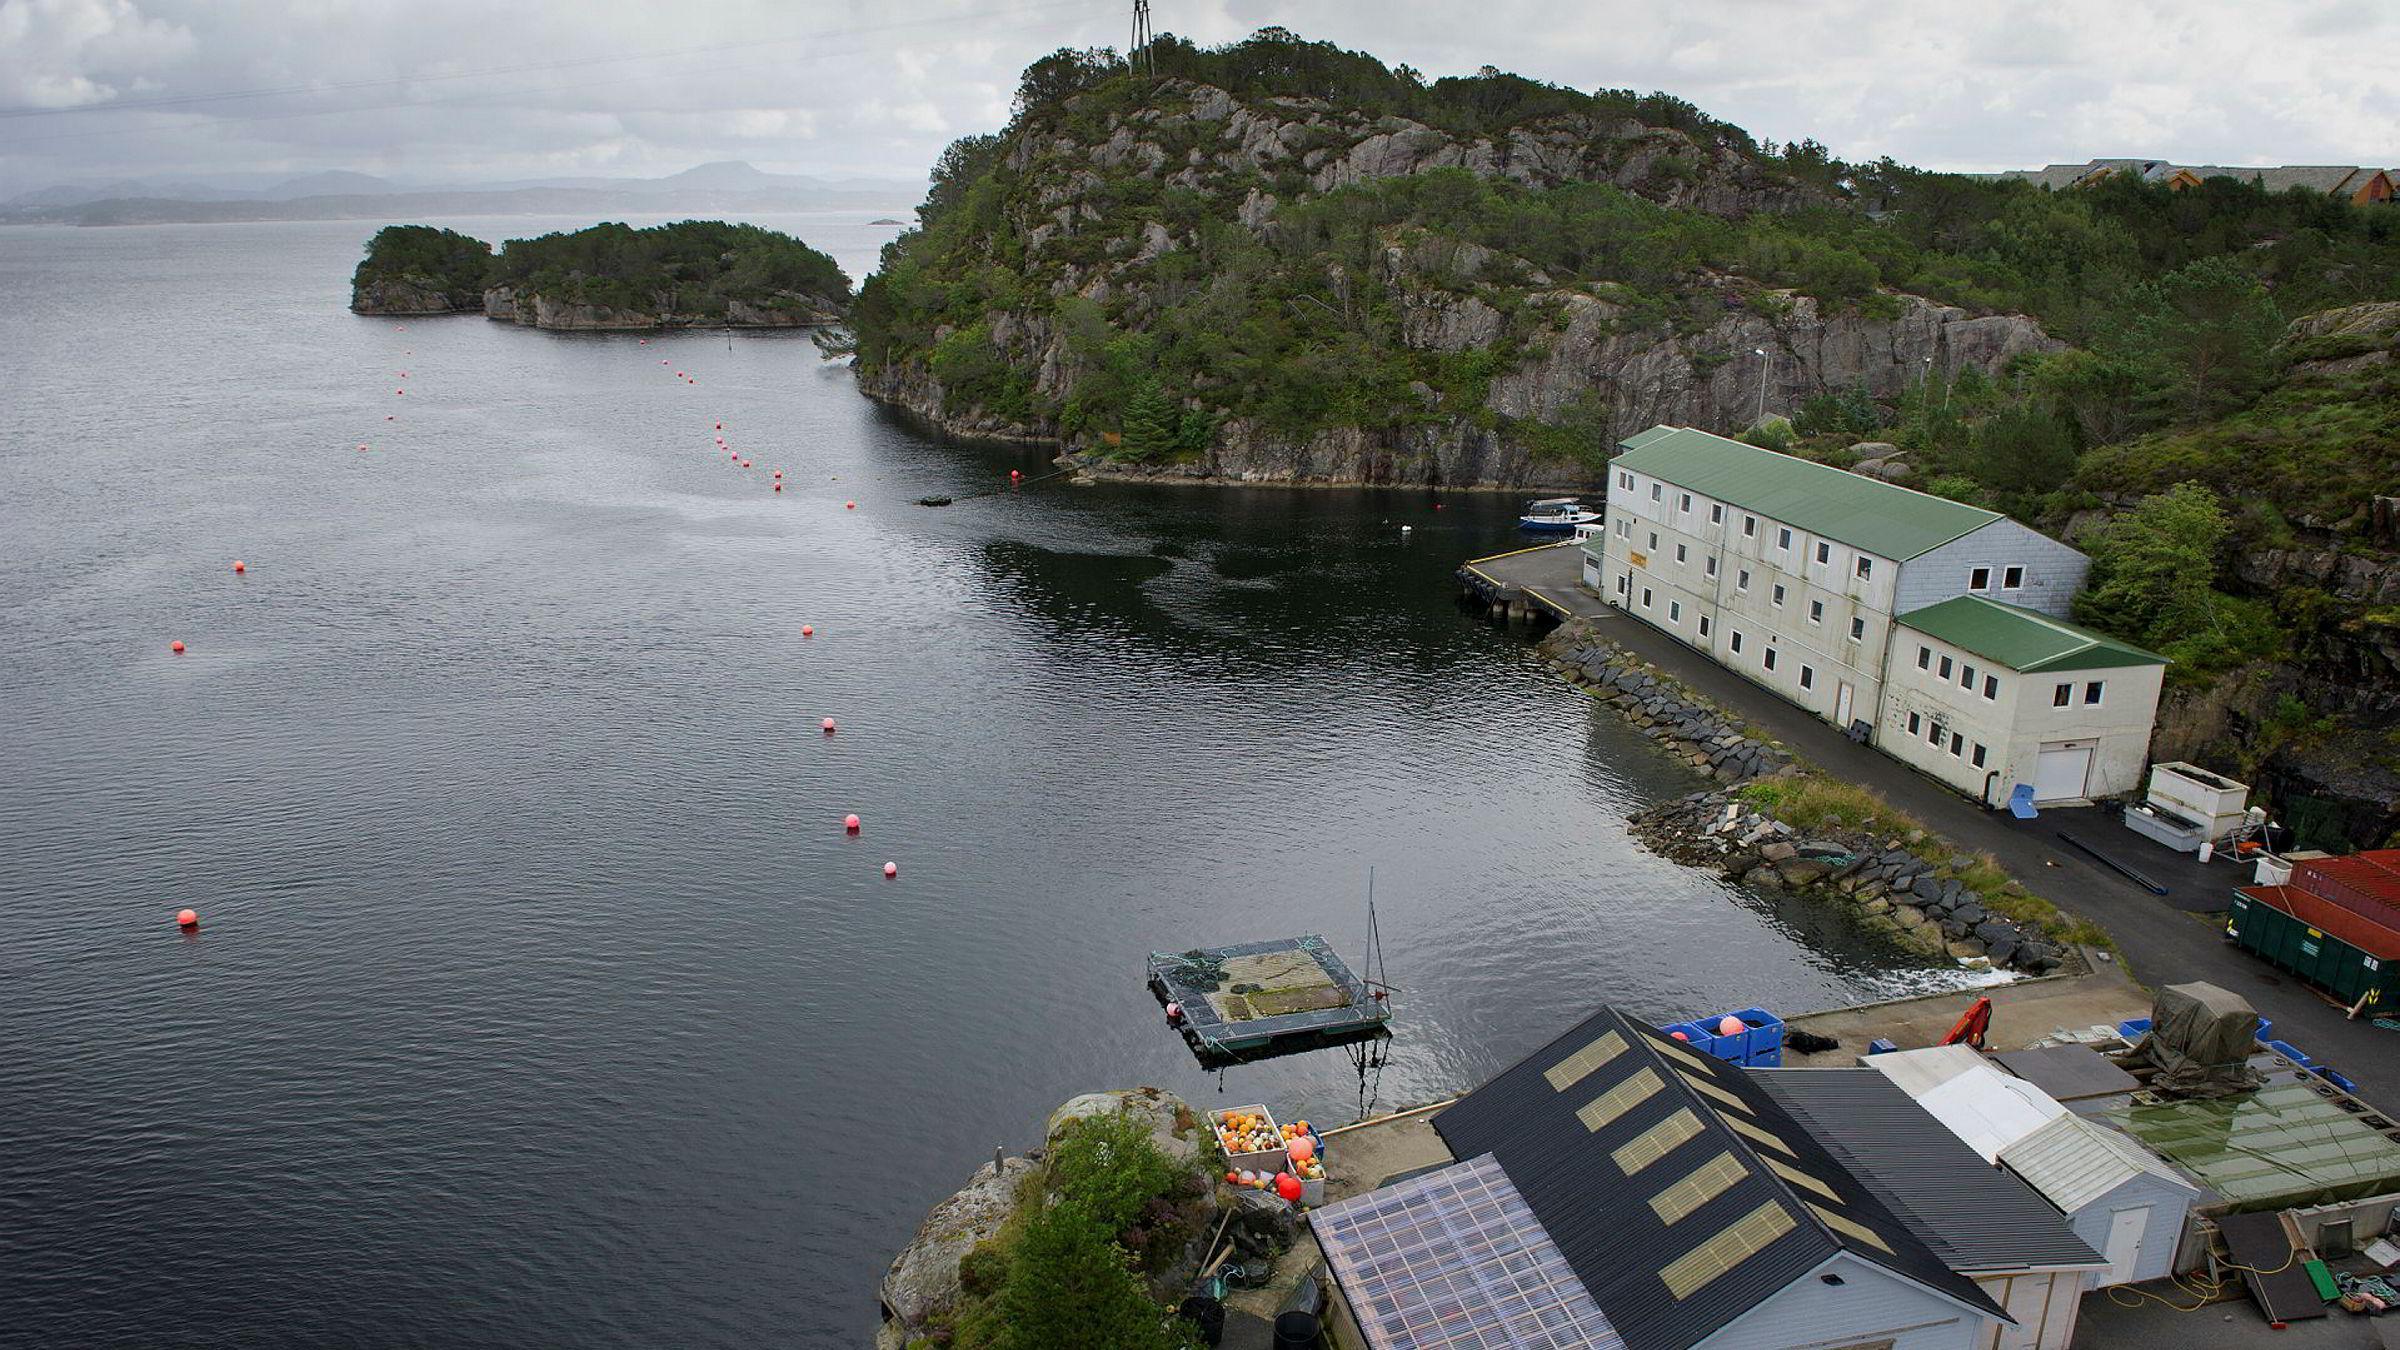 I Øygarden utenfor Bergen er dyrkingen av sjøpunger i gang.En del av «Project Ocean» går ut på å bruke sjøpunger til å rense havet og samtidig produsere fôr til fiskeoppdrett.